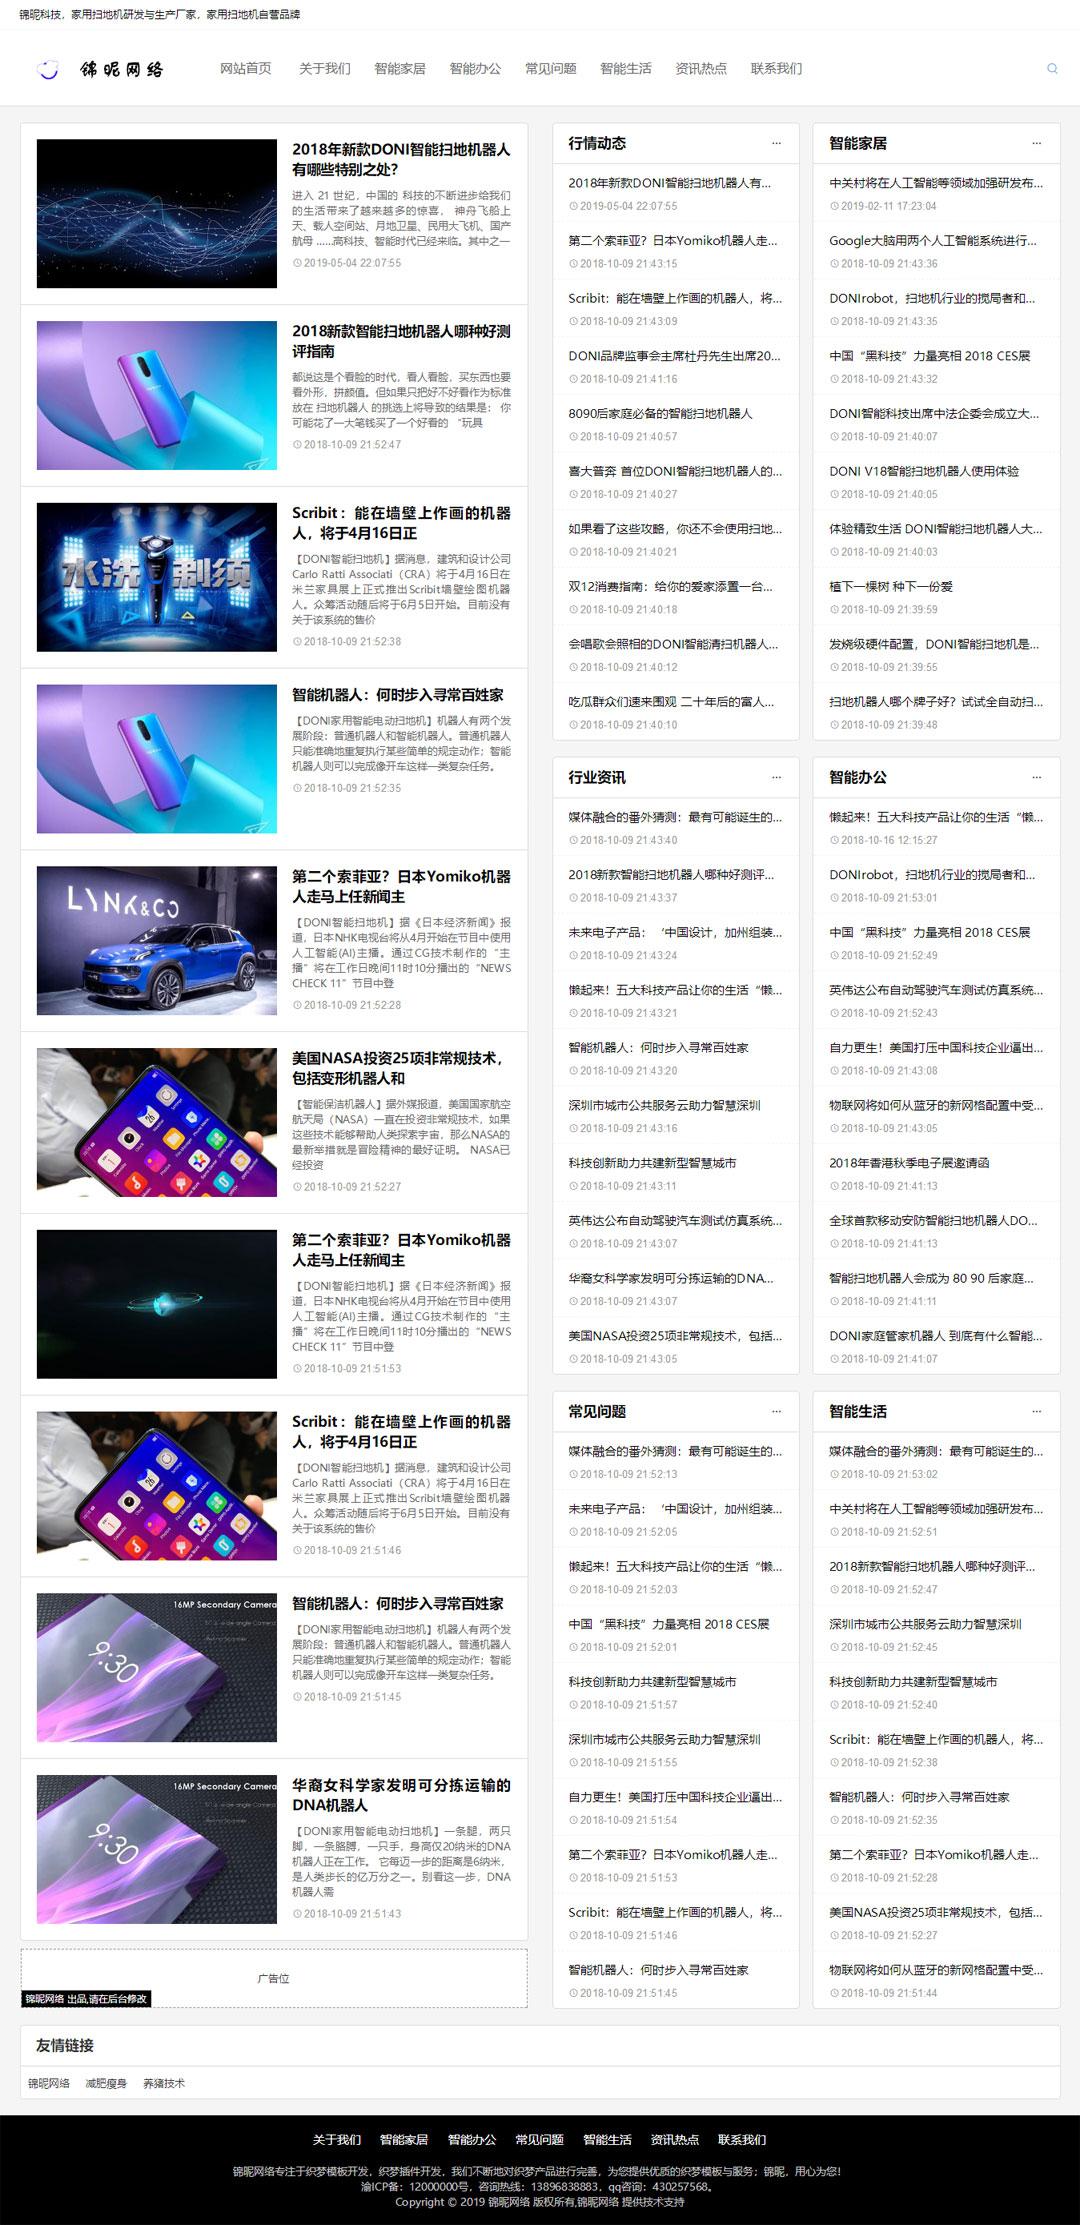 锦昵科技 自适应织梦个人博客系统模板热卖decms神马百度Mip源码收录排名好-第3张